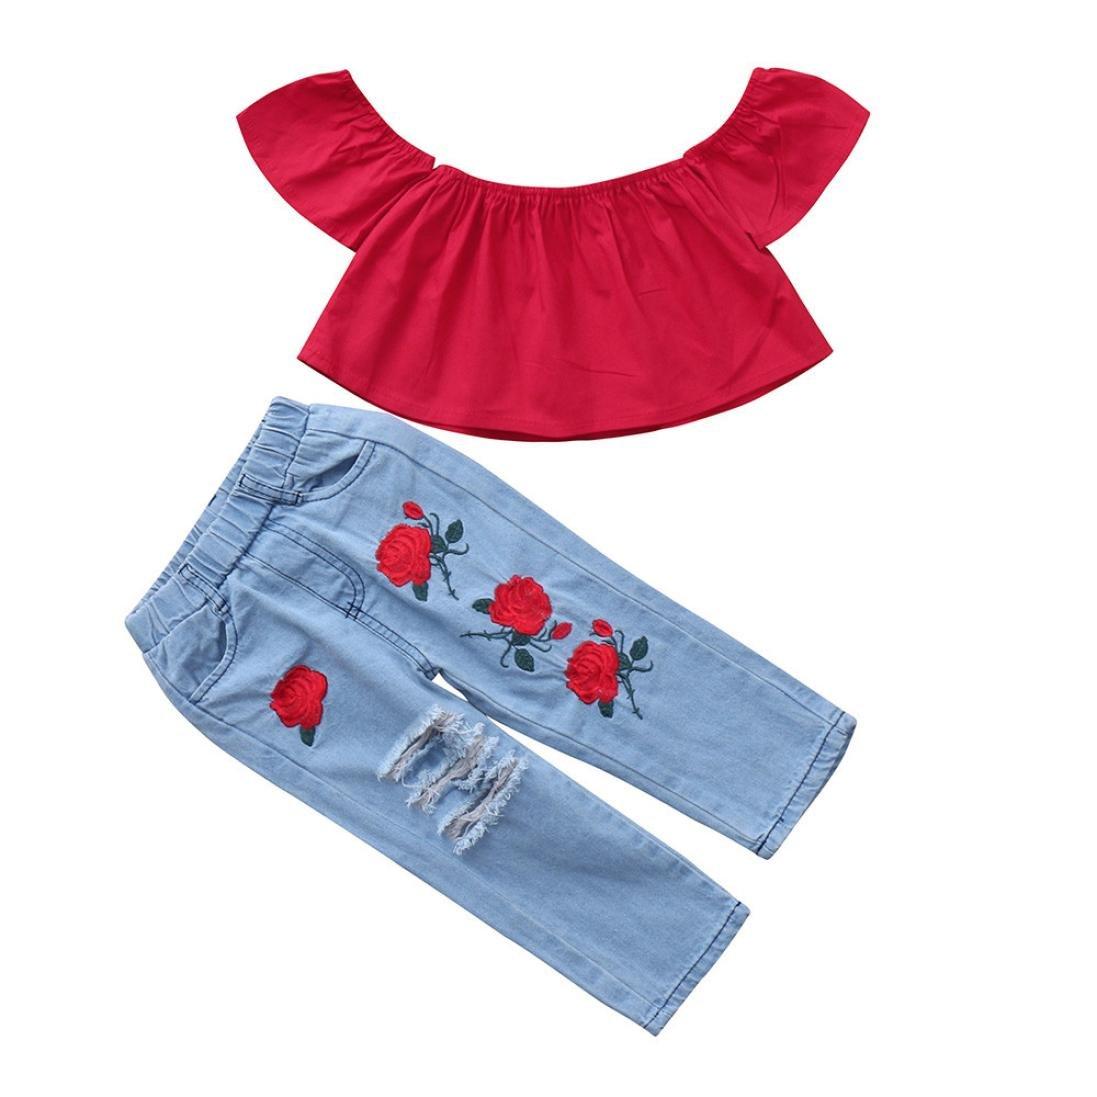 Jimmackey Neonata Ragazze Falbala Off Spalla Camicia Cime + Buco Ricamo Denim Pantaloni Bambine Completi Vestiti Set